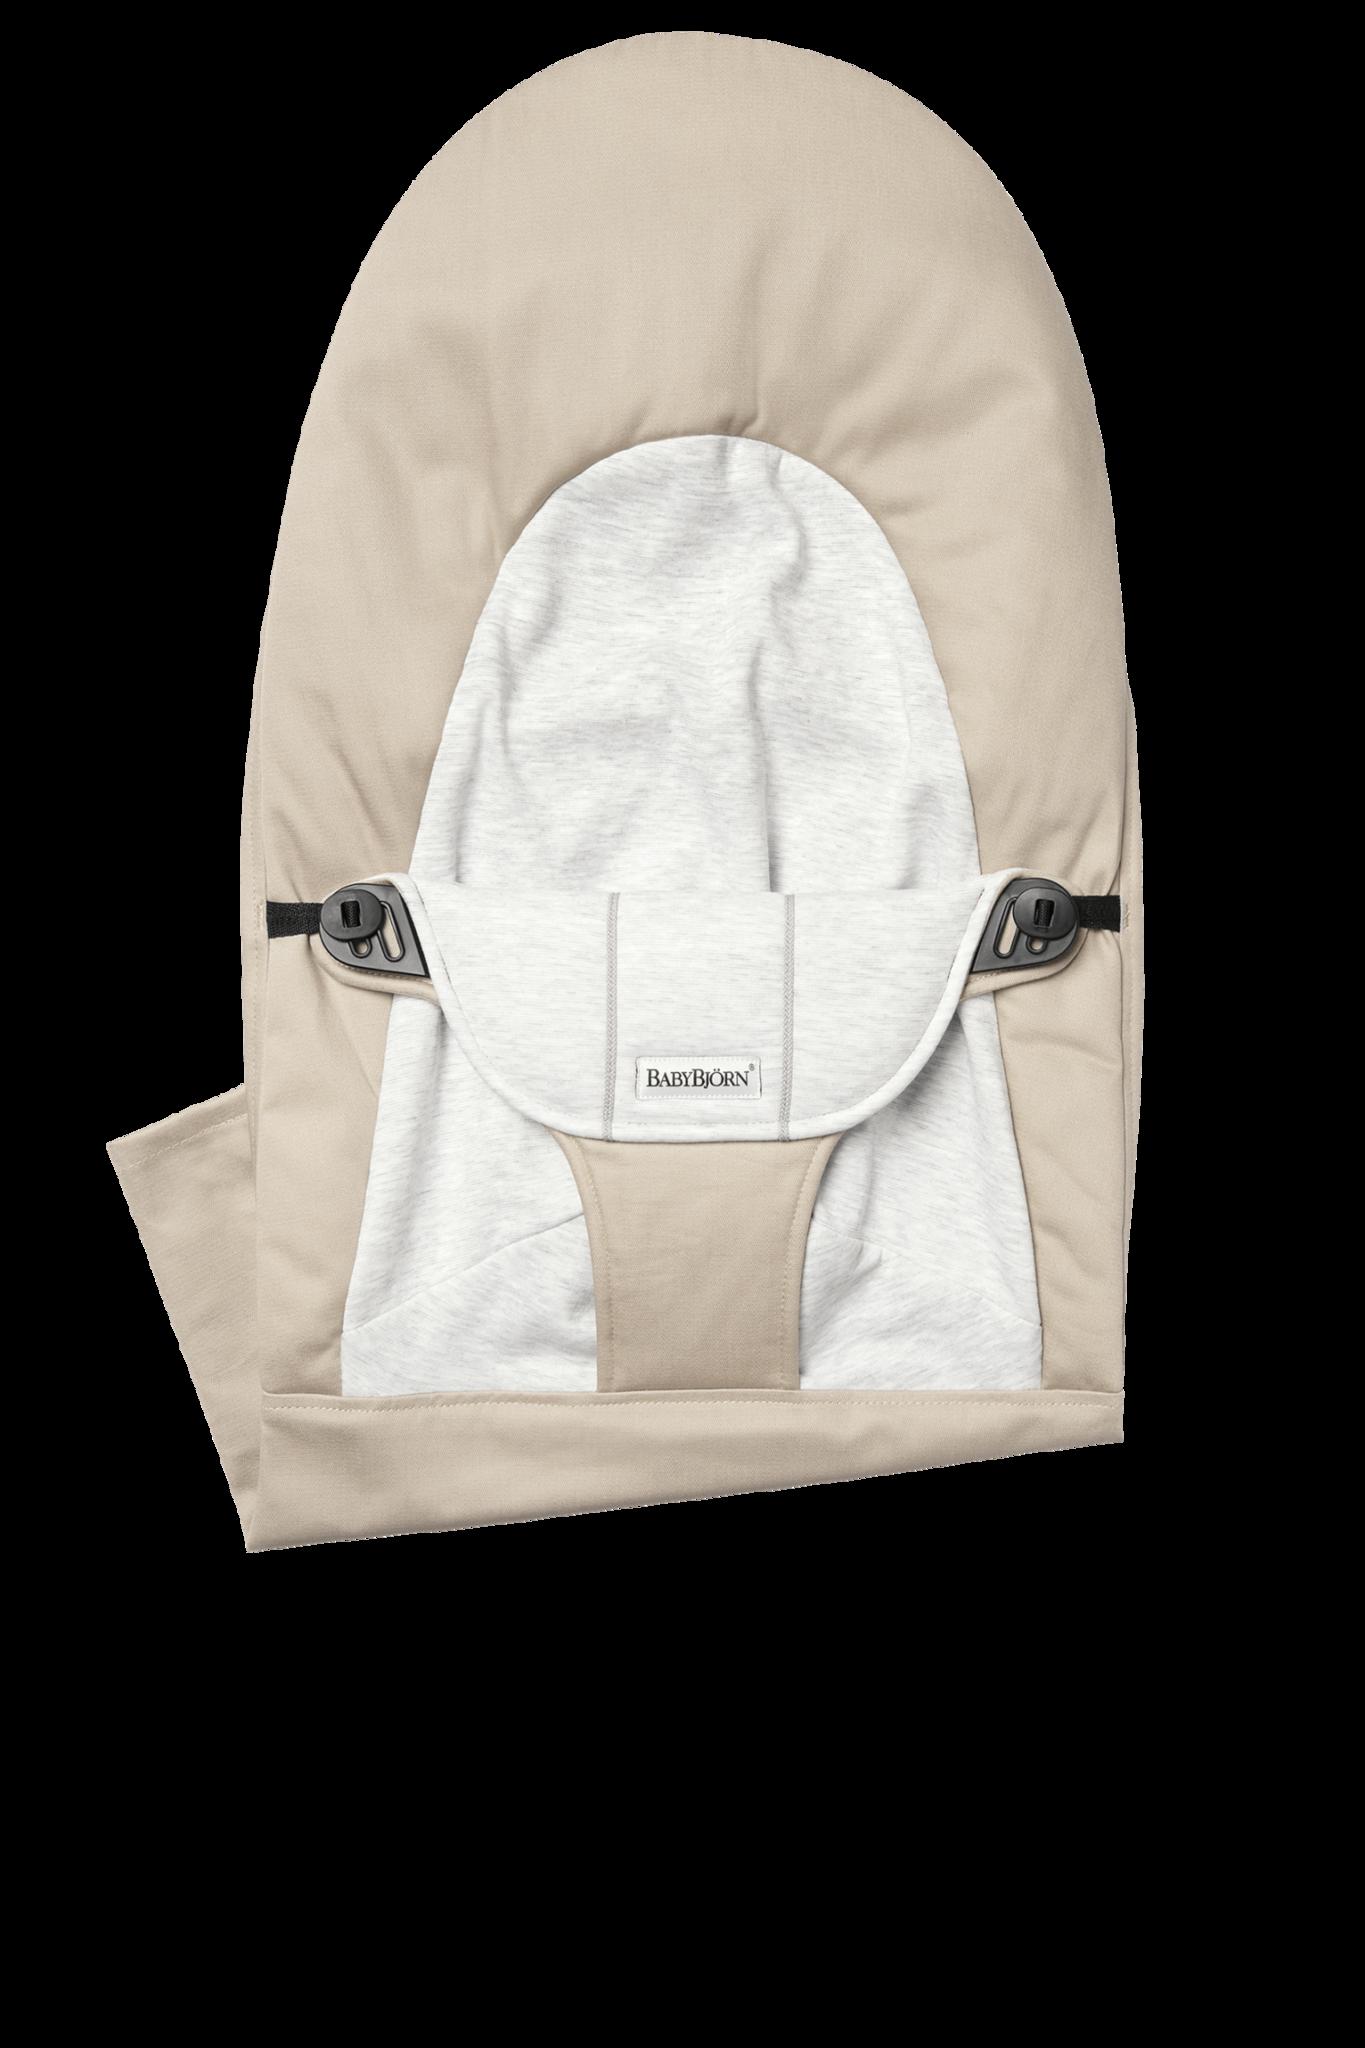 BABYBJÖRN Stoffen Zitting Balance Soft Beige Grijs Cotton Jersey